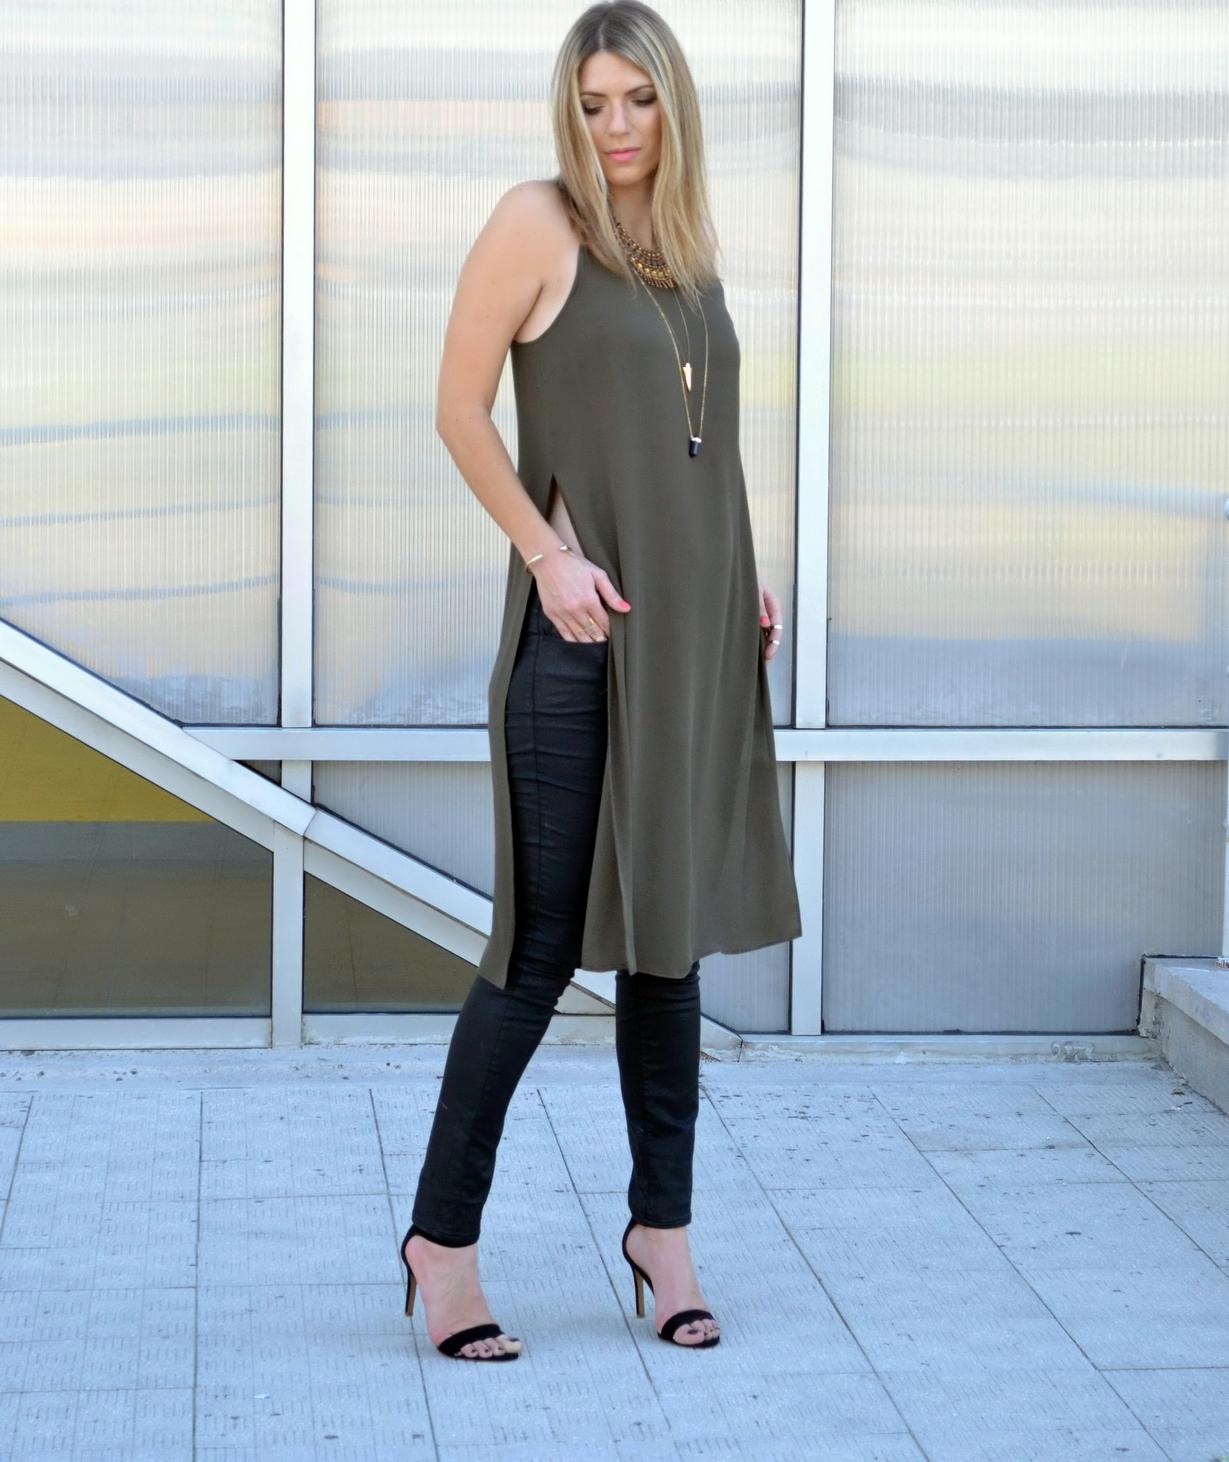 0f36b46209a Длинная женская футболка с разрезами по бокам (74 фото)  футболка-платье